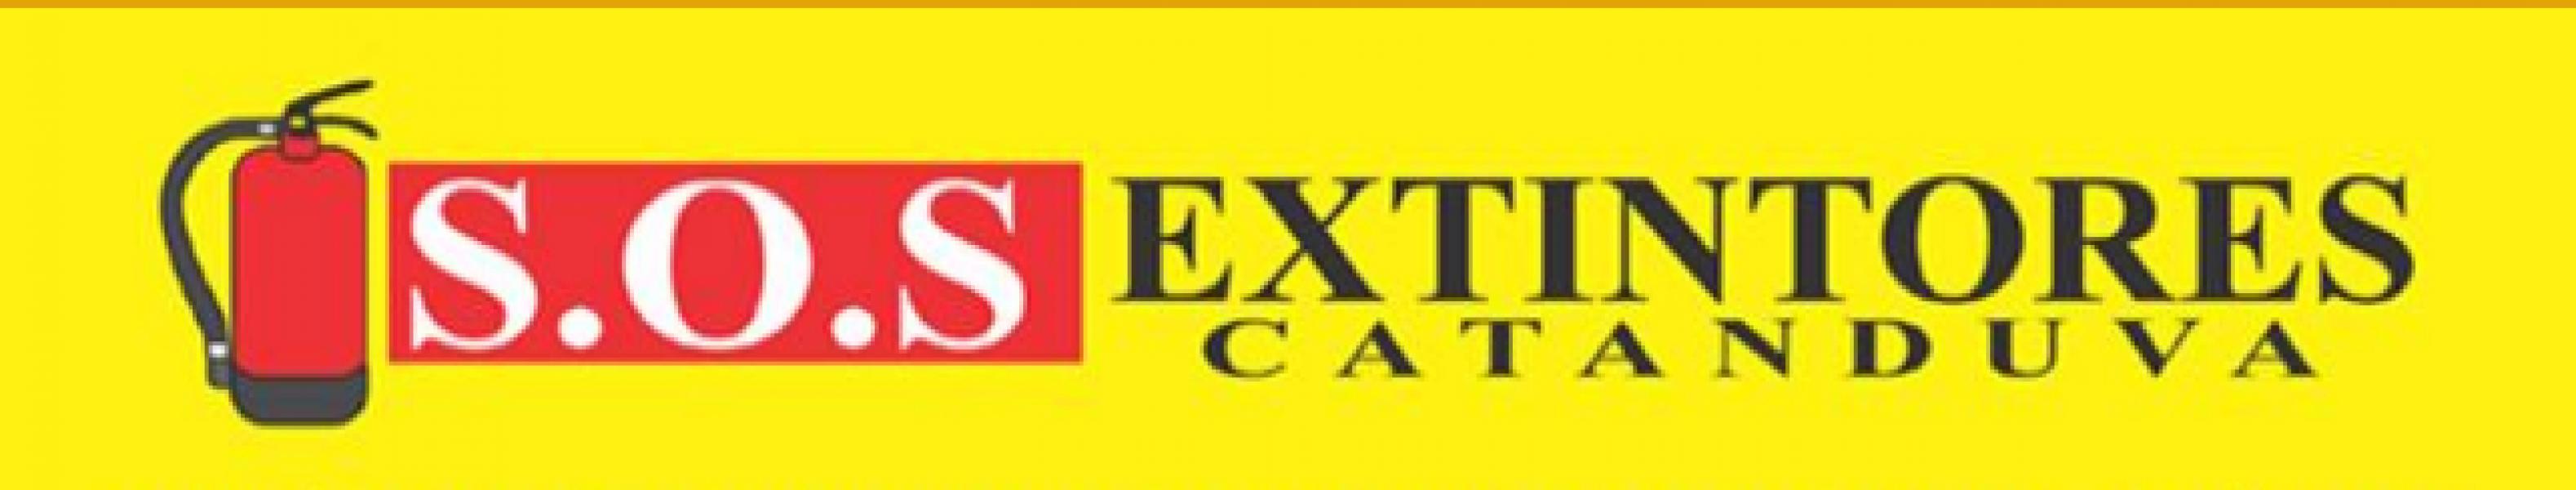 SOS Extintores Catanduva